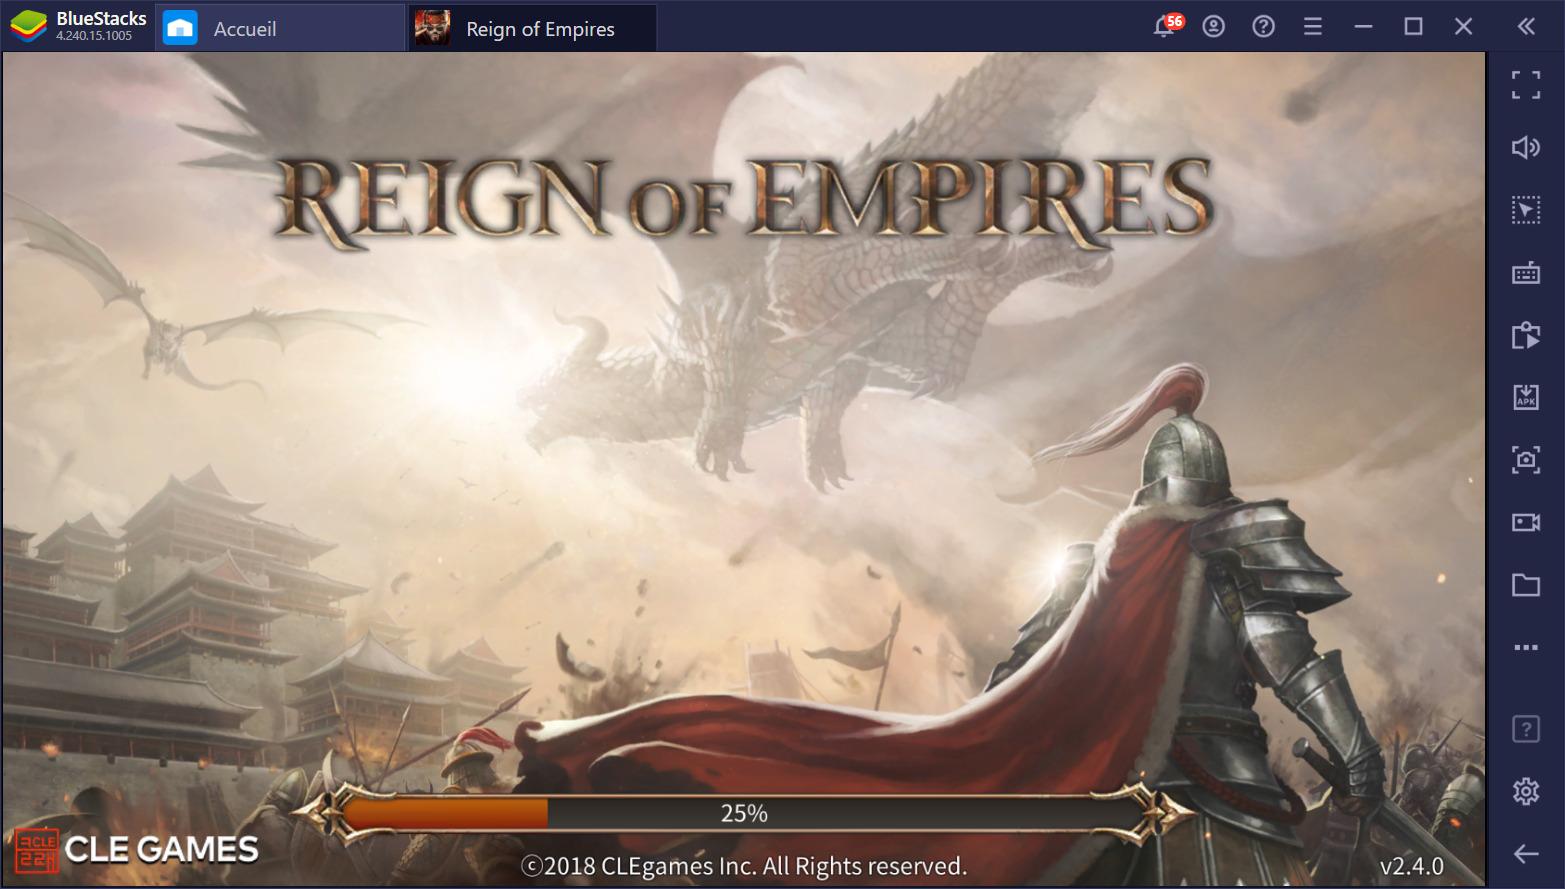 Jouer à Reign of Empires – Un RTS tactique aux batailles épiques disponible sur PC avec BlueStacks